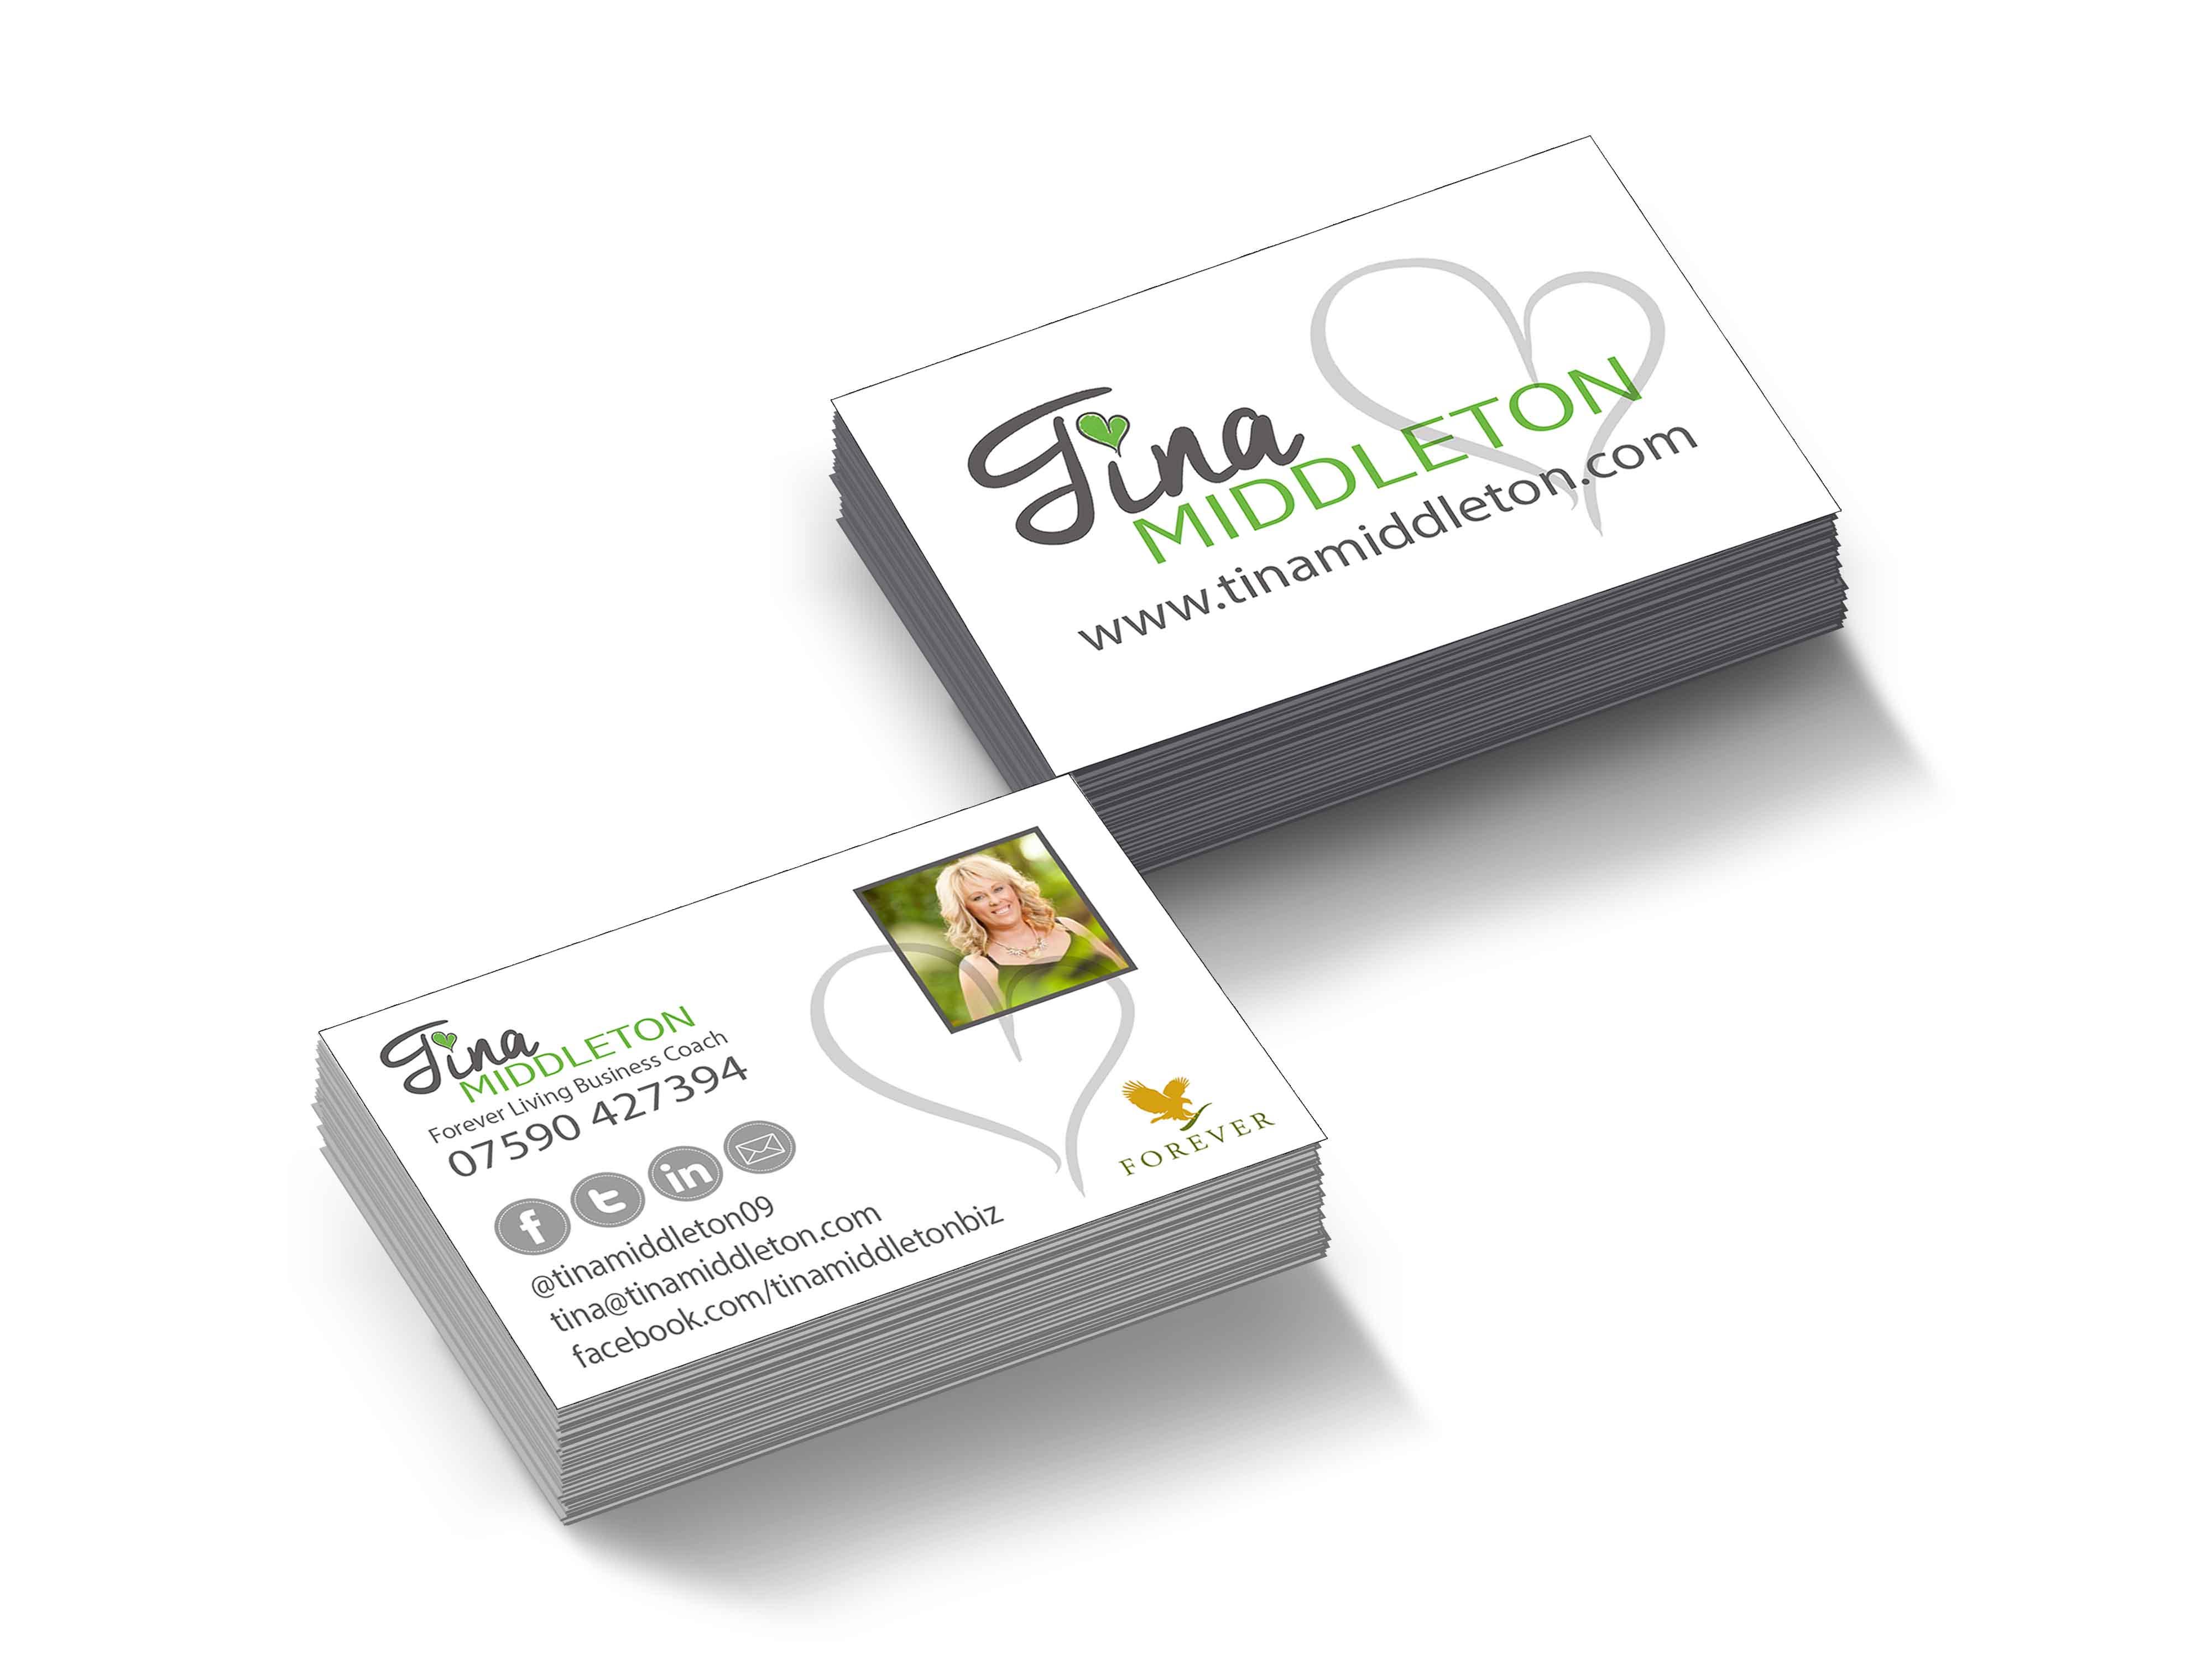 Tina Middleton Business Cards